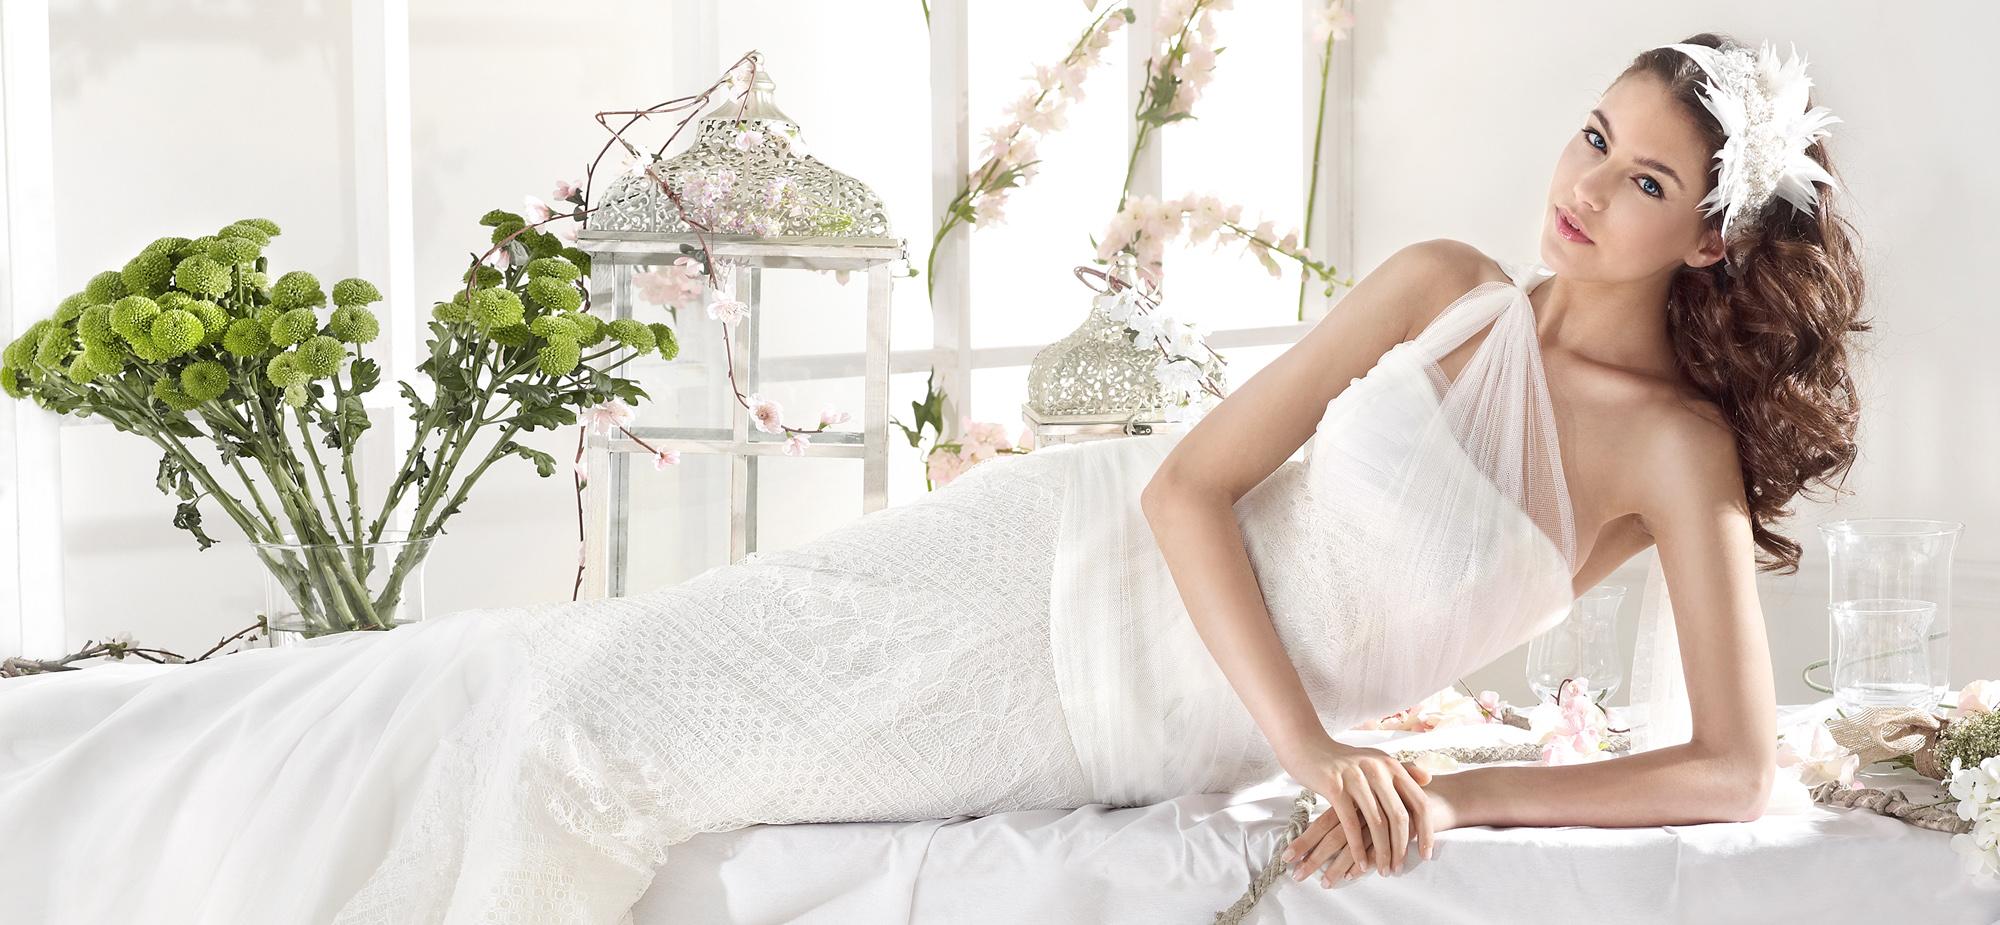 peinados de novias - Los mejores Peinados de Novia (Fotos)